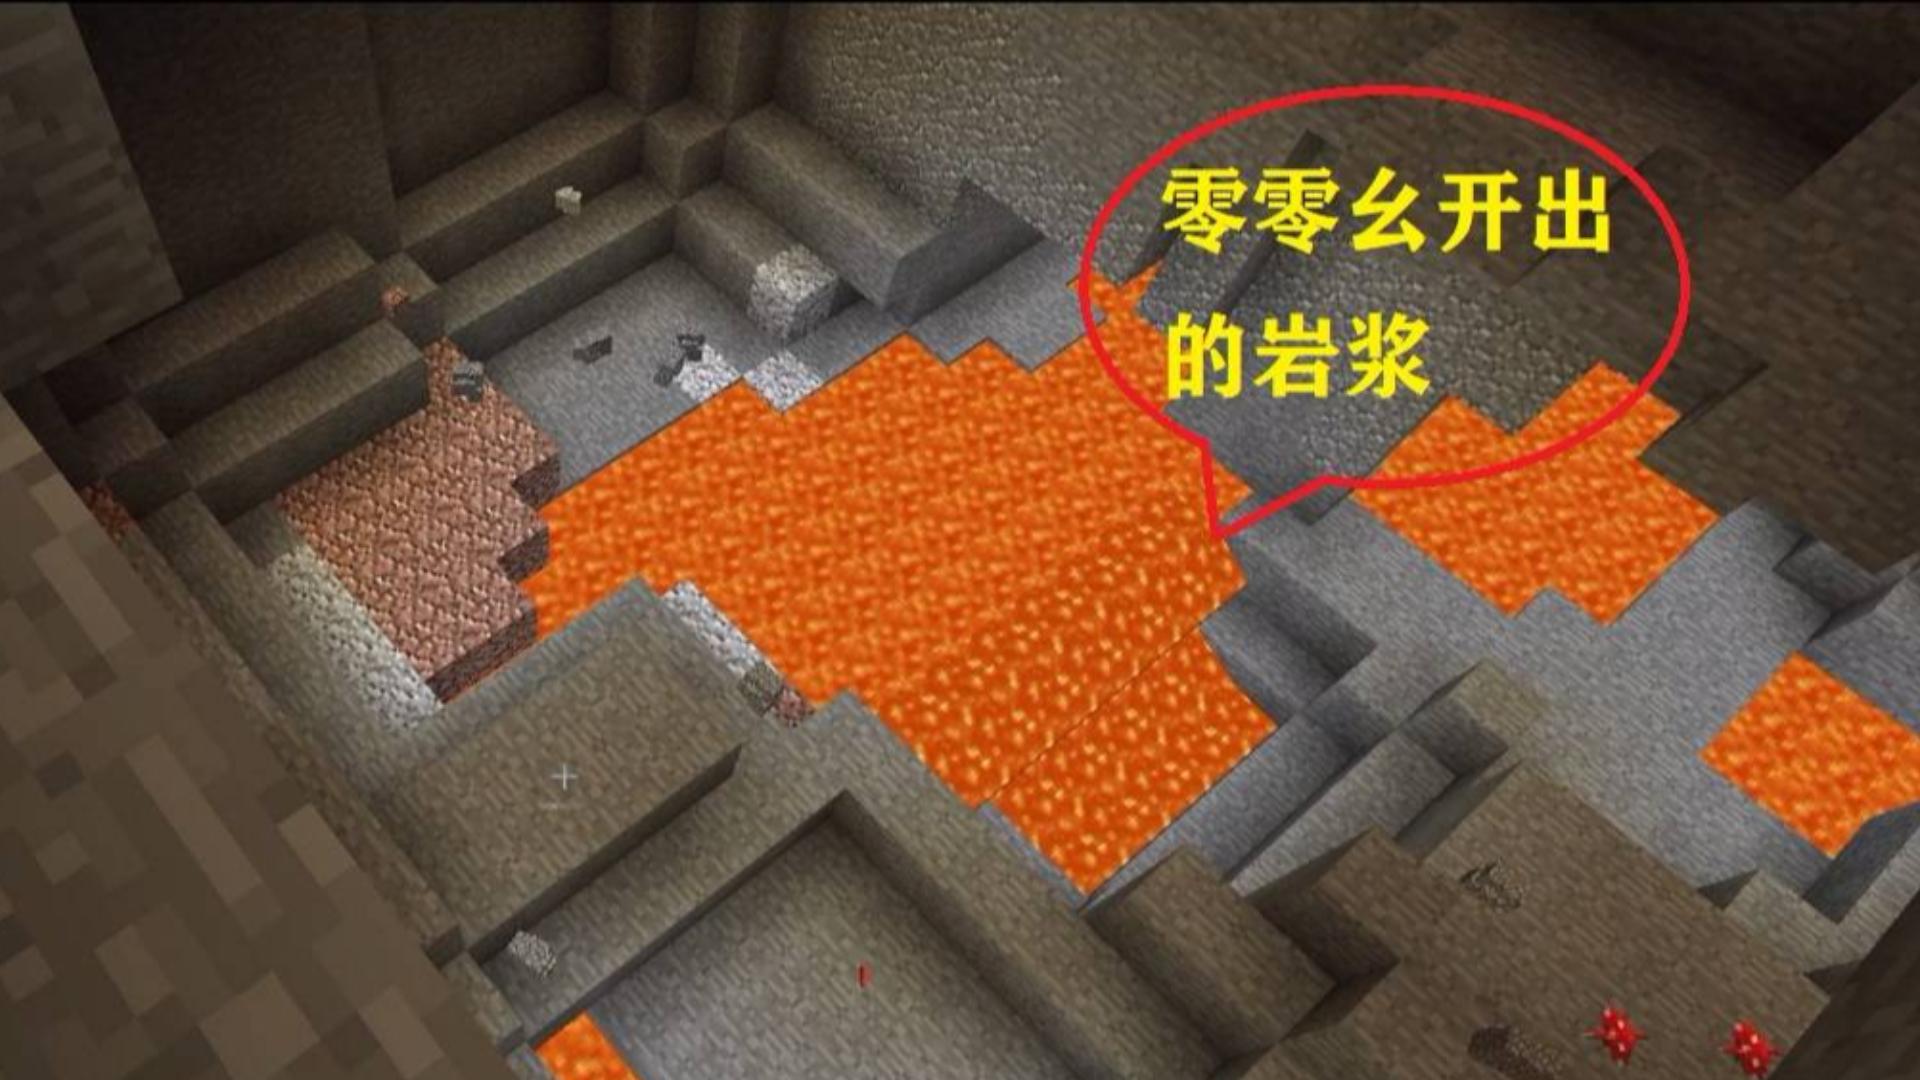 我的世界多人联机64:零零幺用开矿神器挖矿,没想到开出了岩浆池 #我的沙盒vlog#